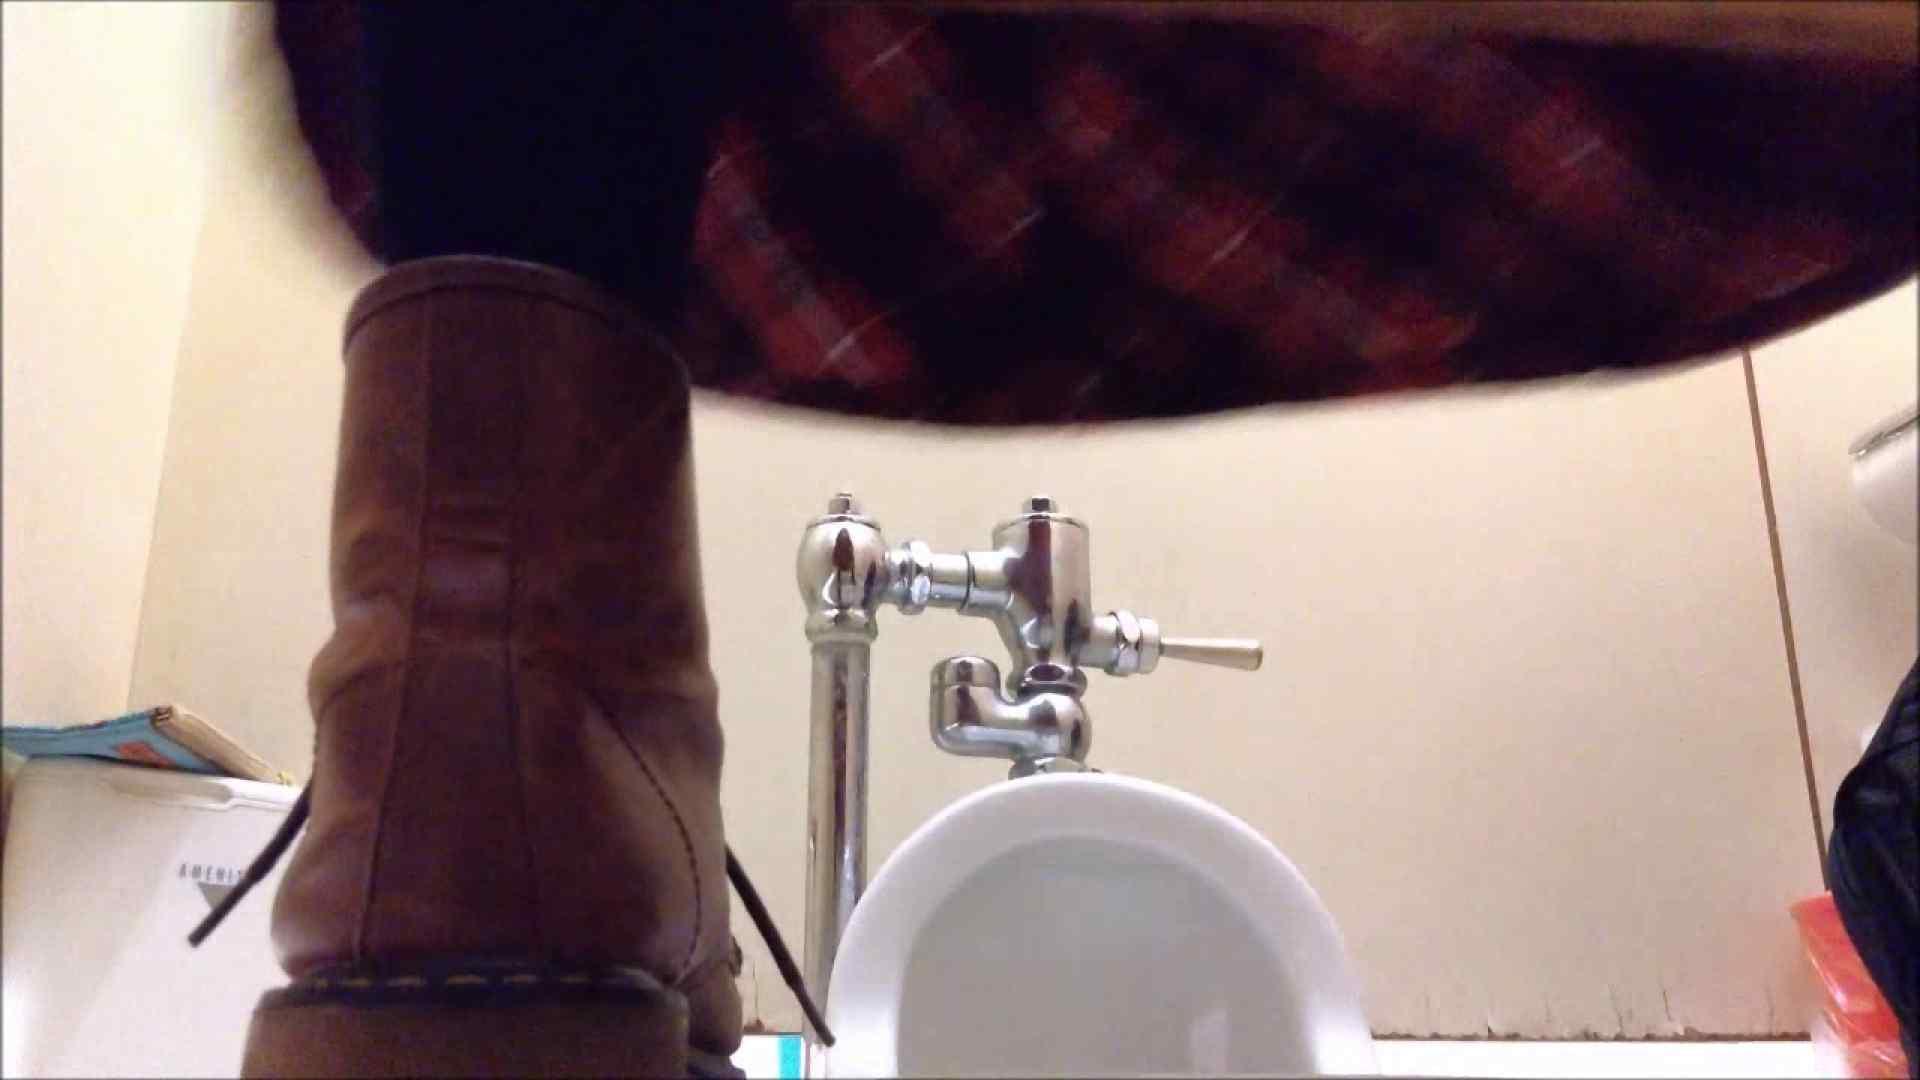 某有名大学女性洗面所 vol.06 投稿 性交動画流出 111枚 34